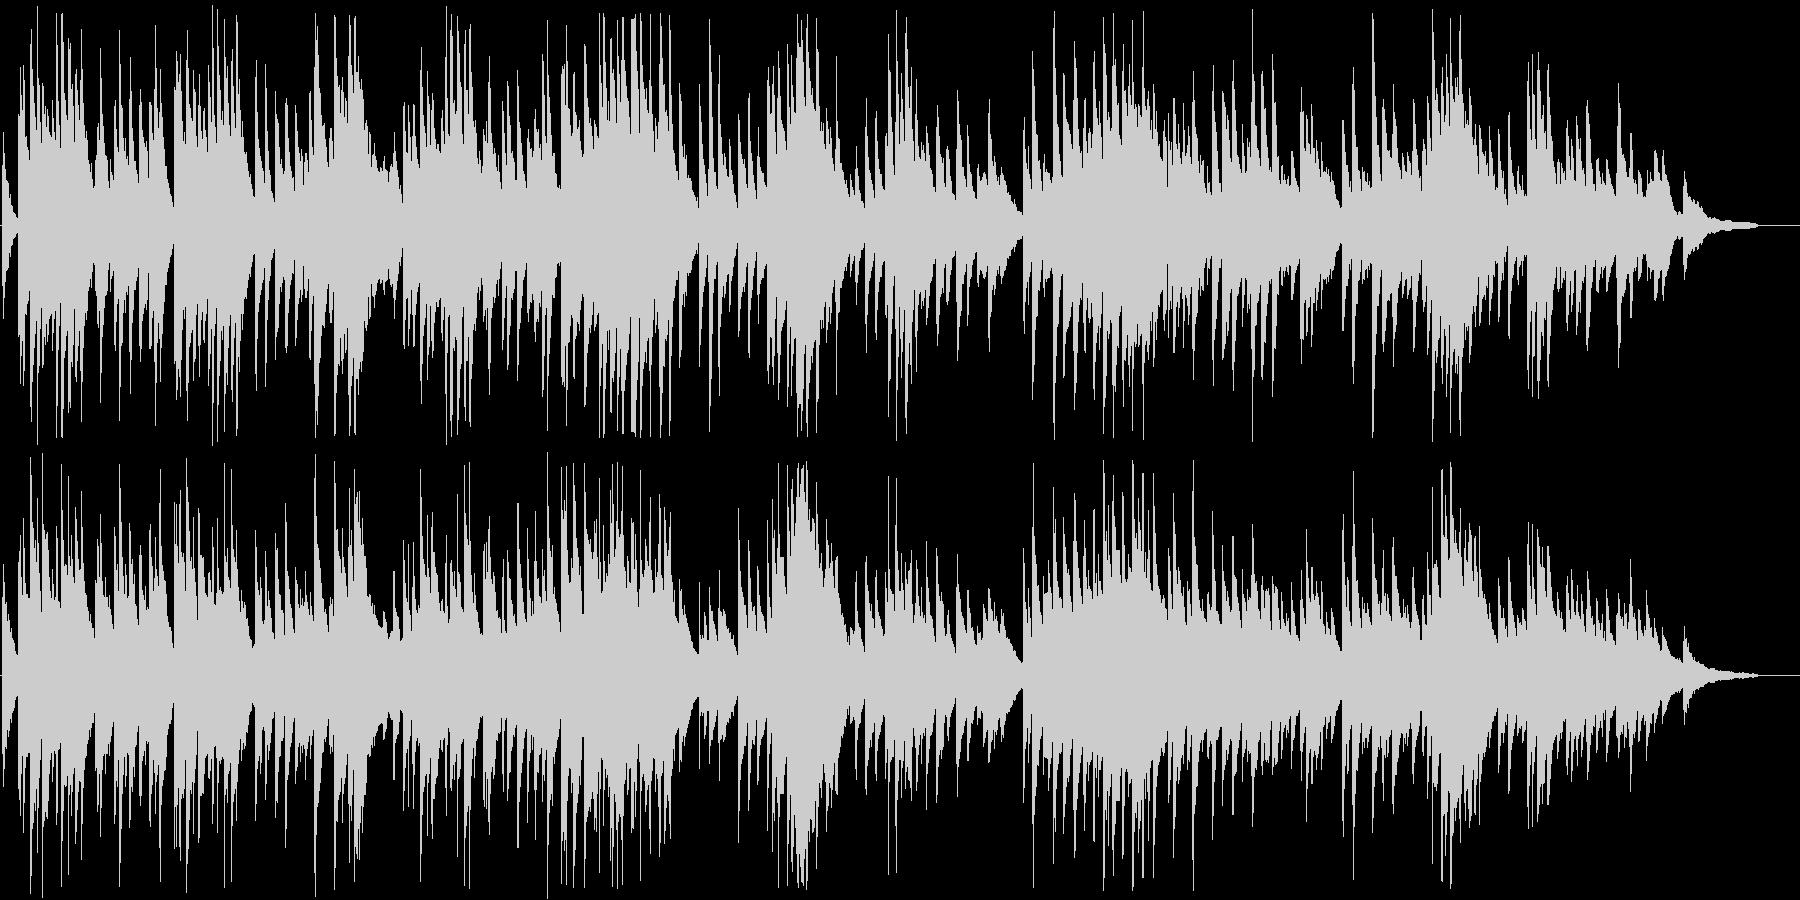 ピアノ調のもの悲しい音楽の未再生の波形